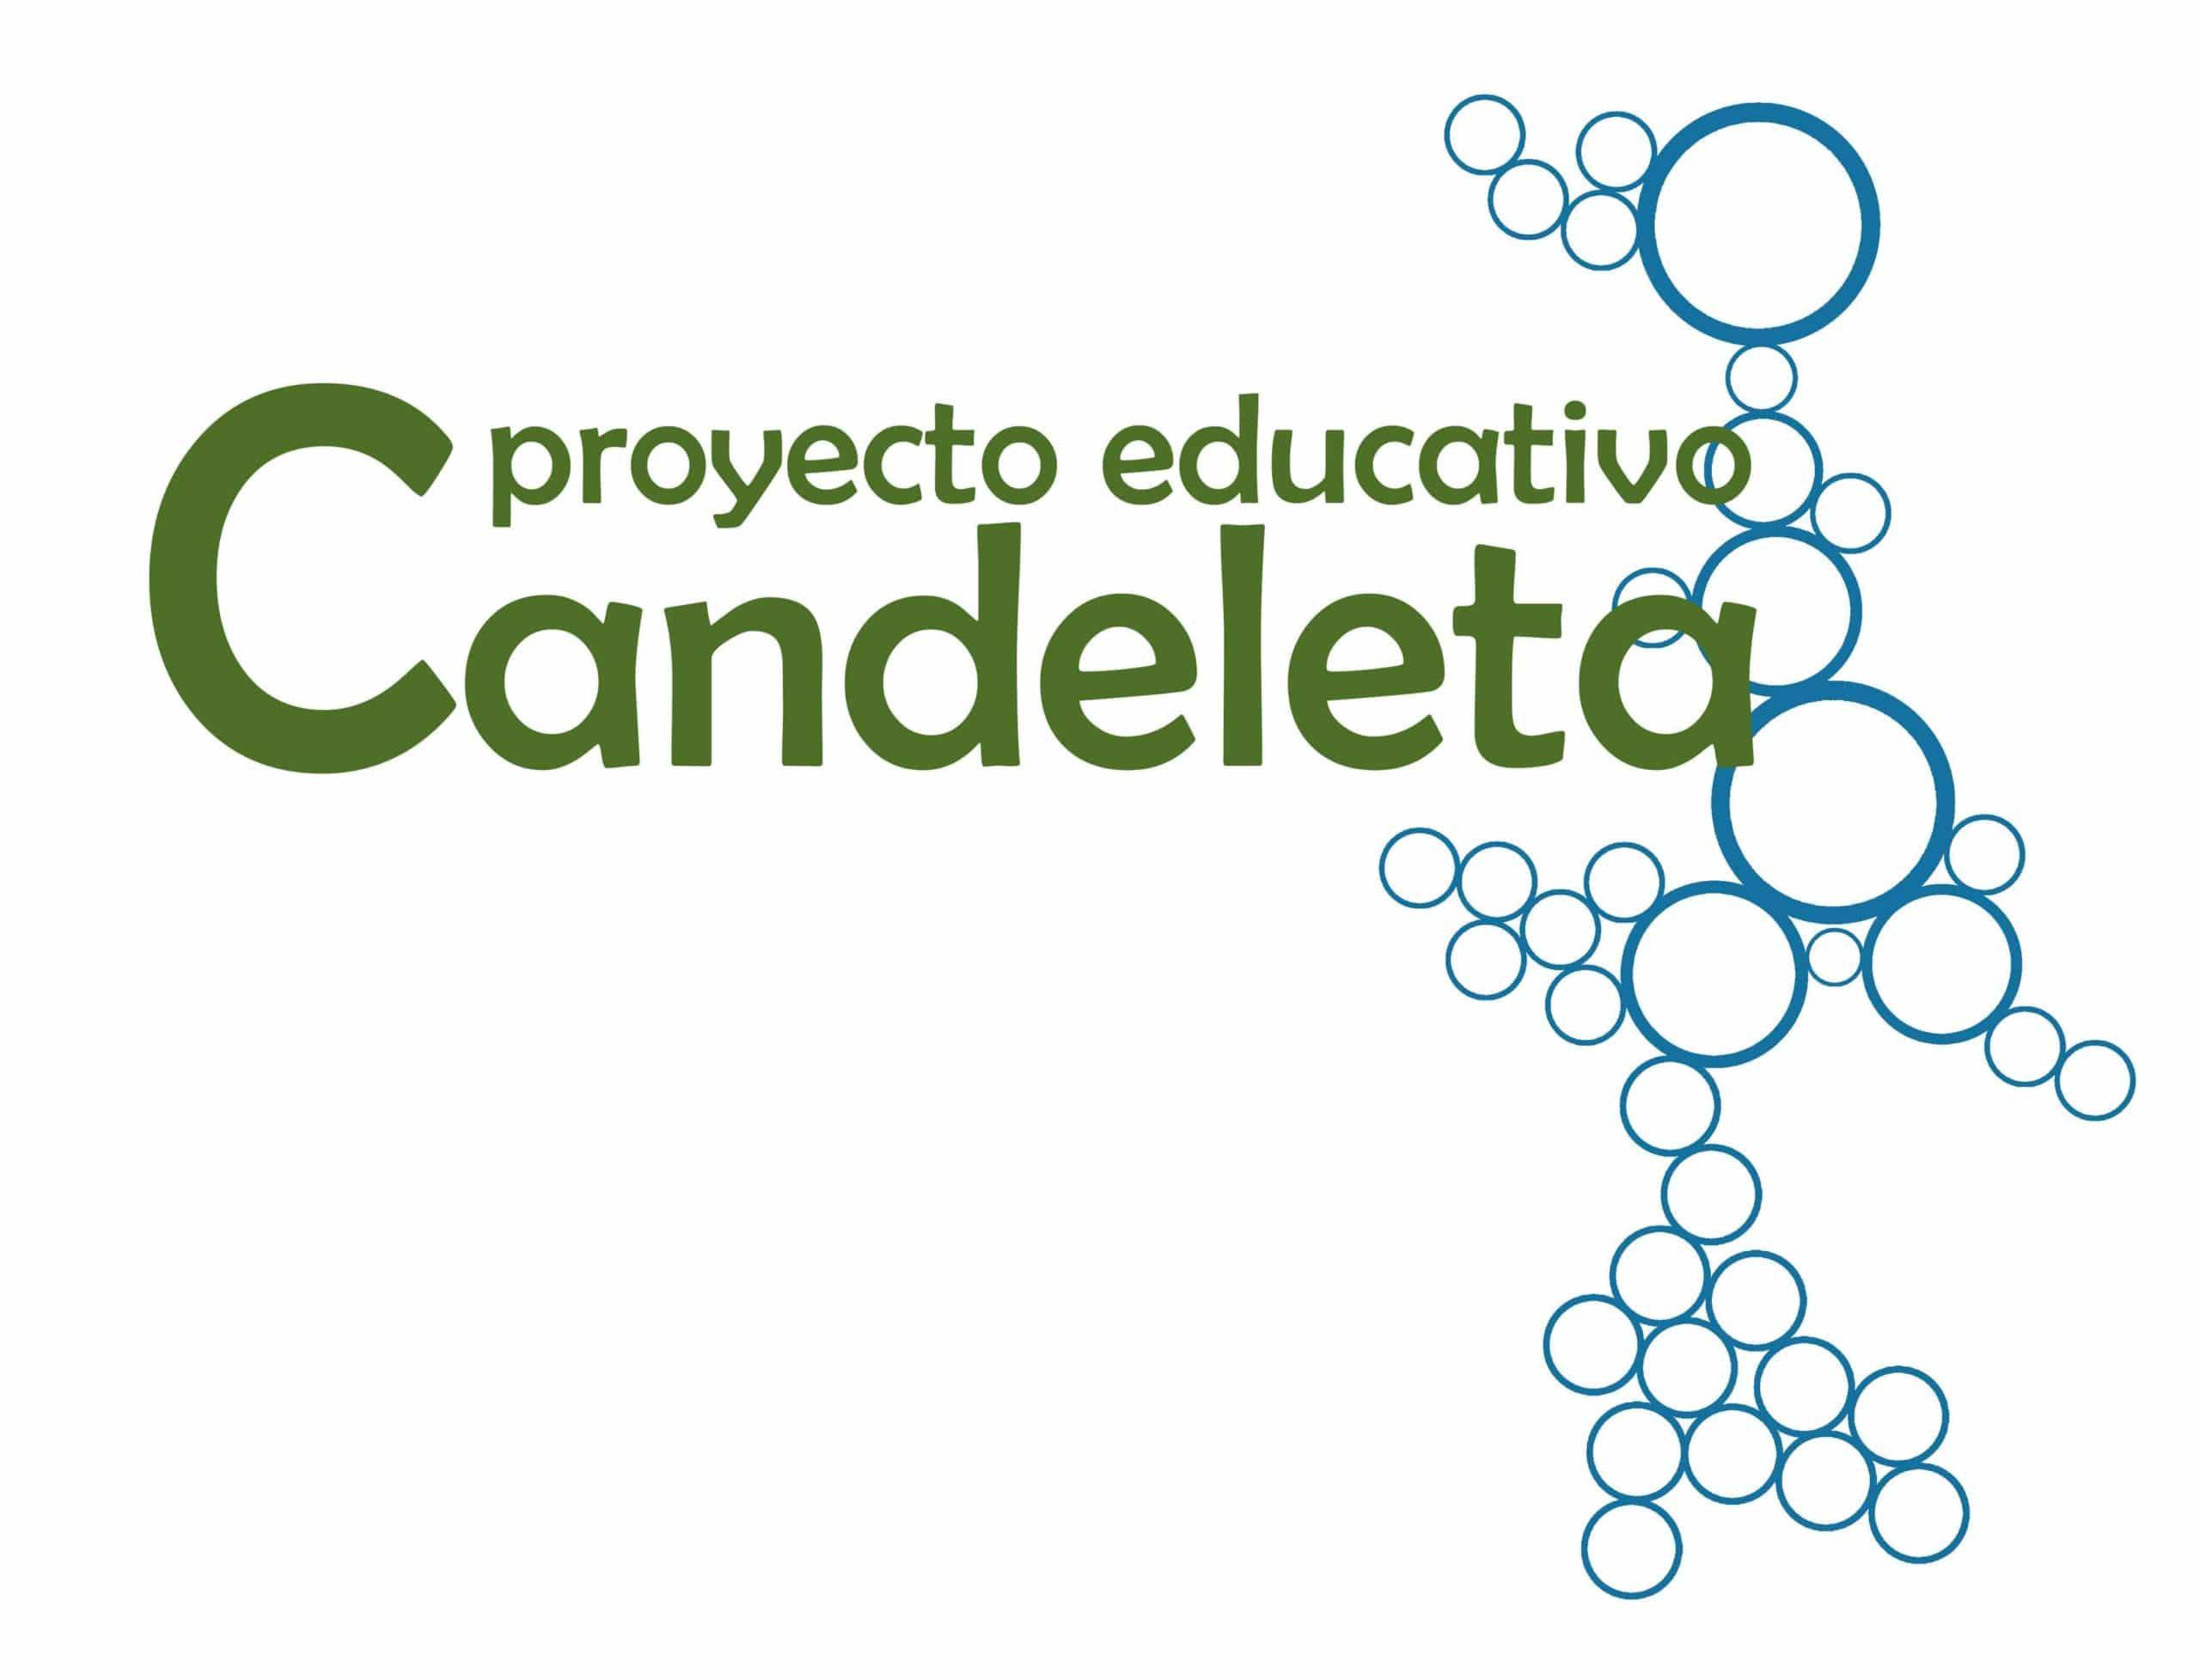 logo_candeleta_verde-azul_sin_fondo.jpg